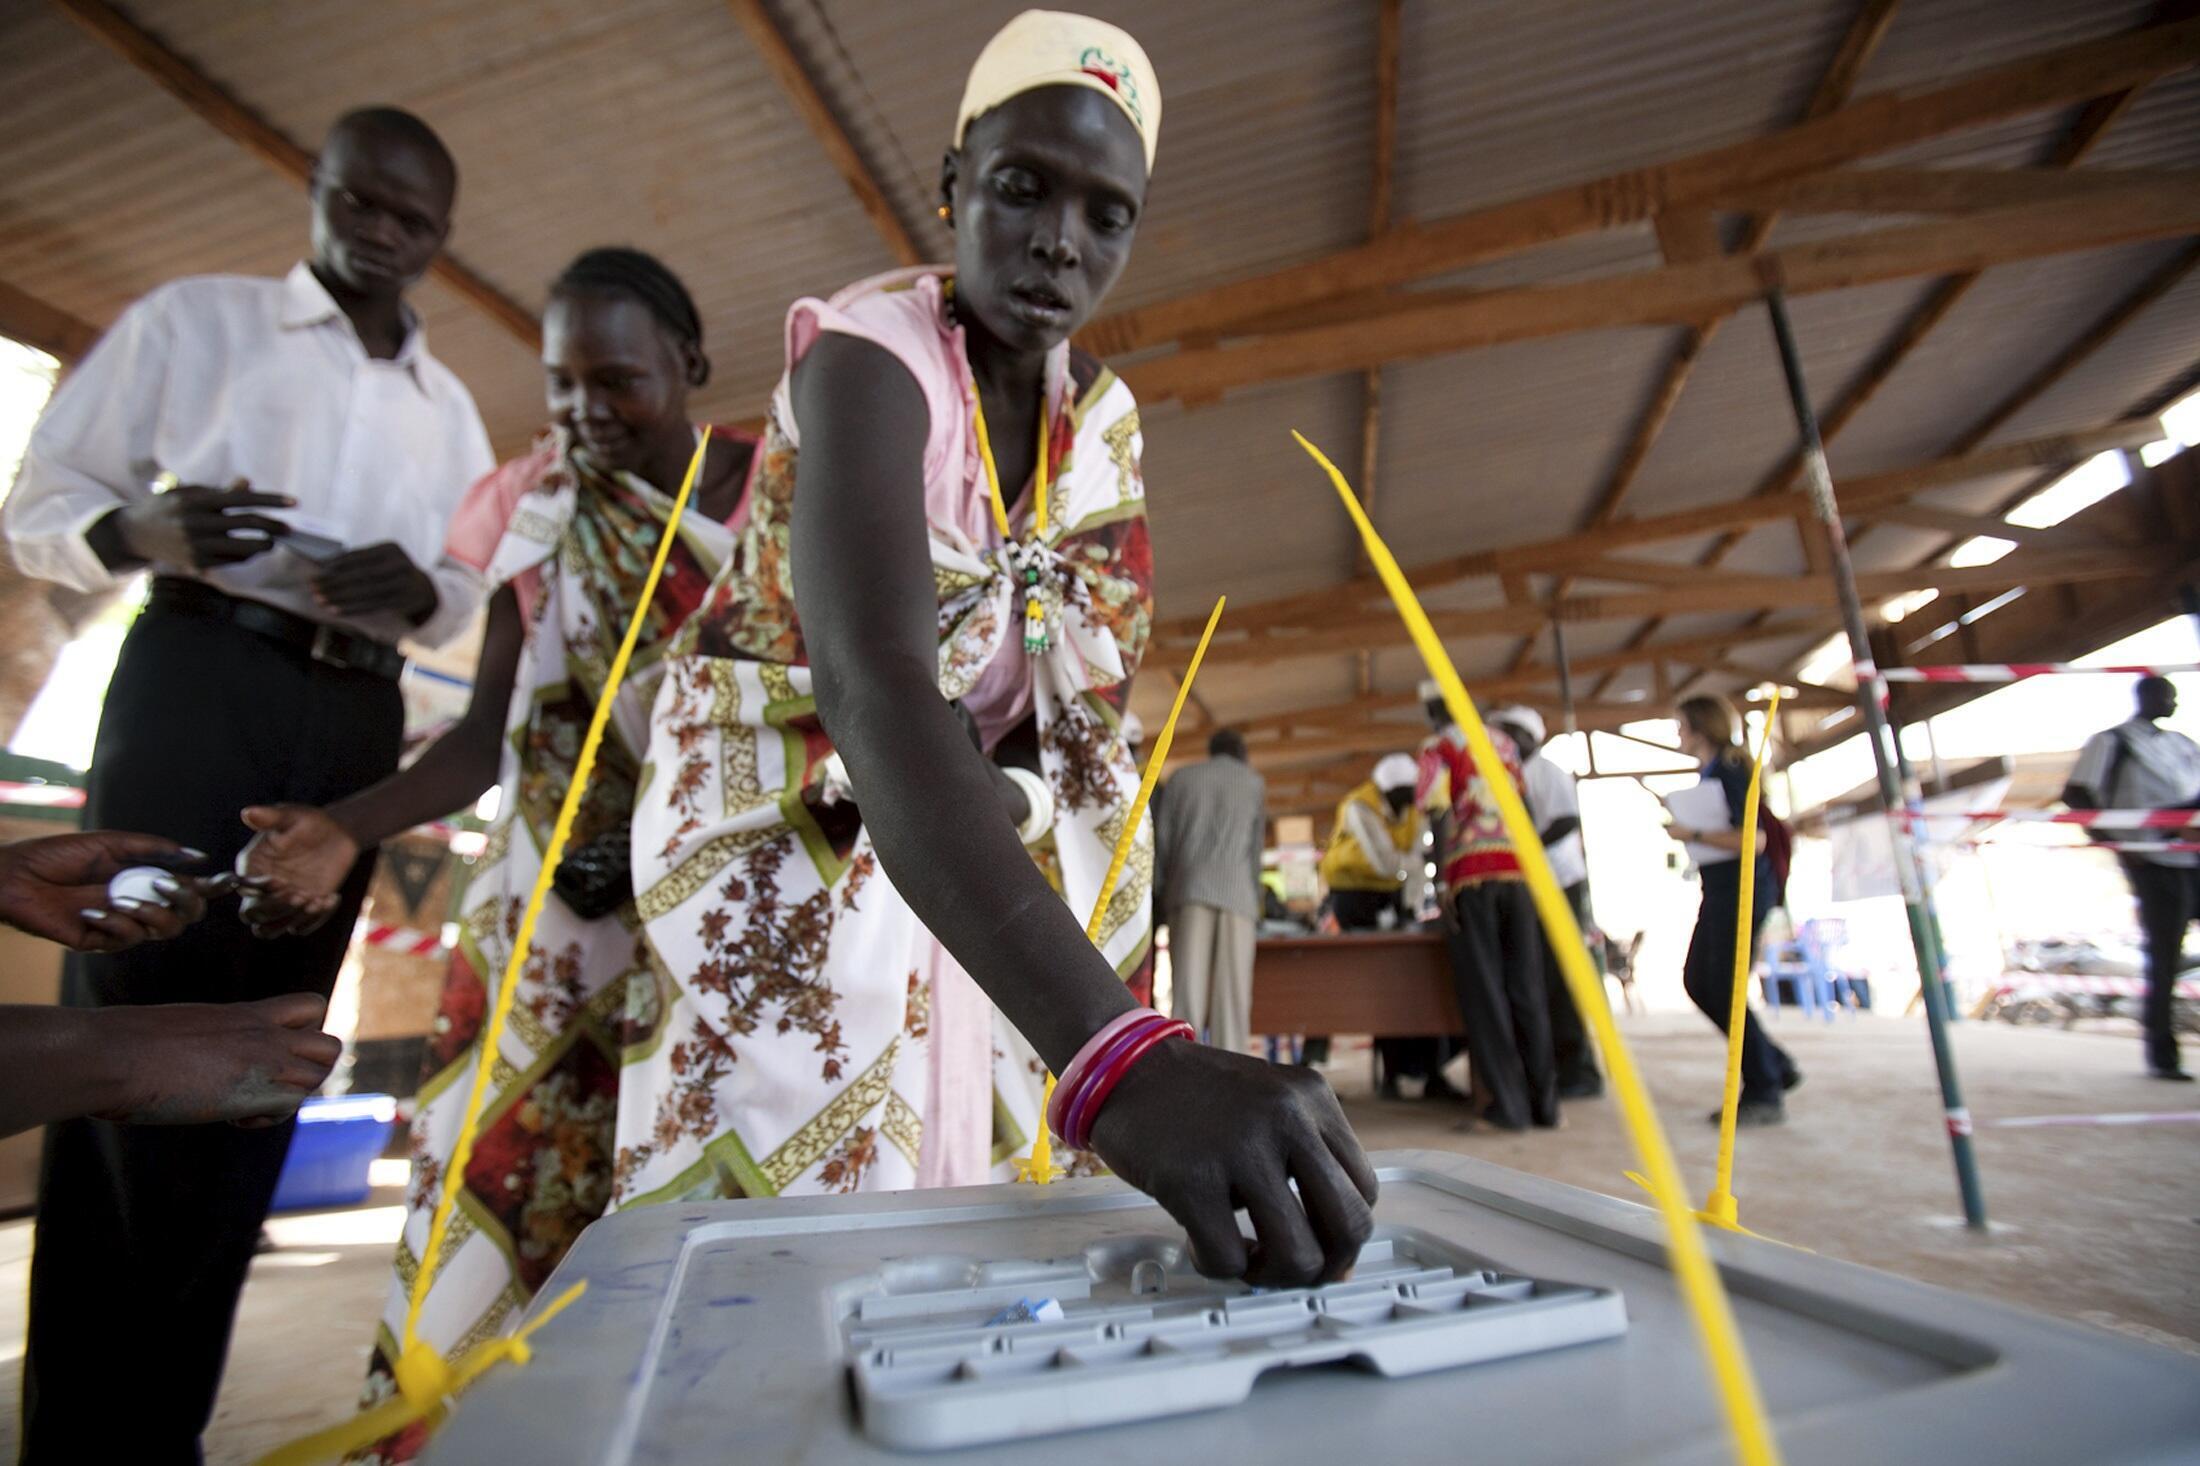 os sudaneses do sul durante o referendo de autodeterminação concluído a 15 de Janeiro de 2011